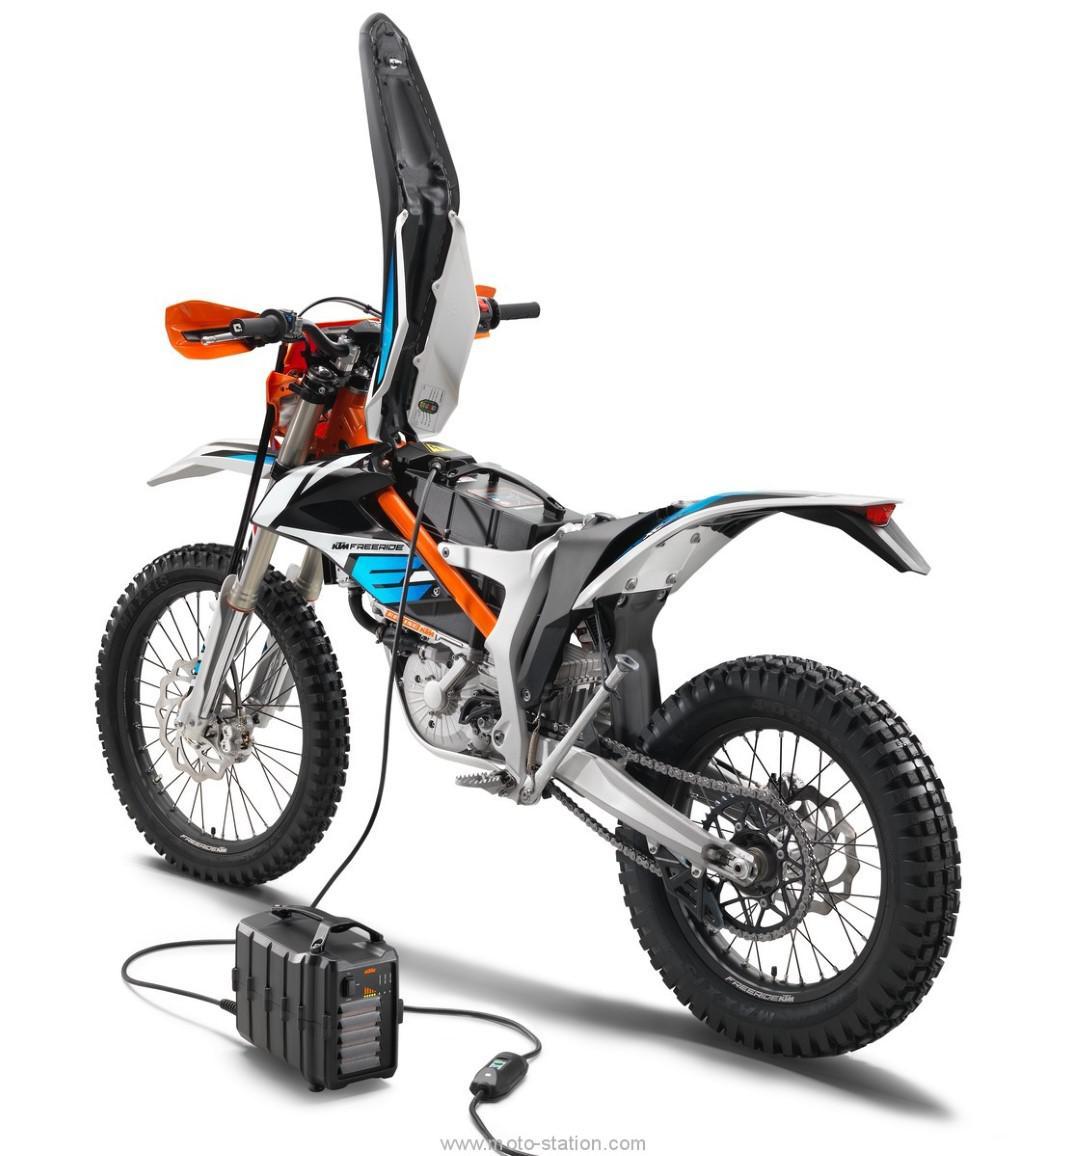 les-motos-2018-qu-on-espere-voir-au-maroc-506-52.jpg